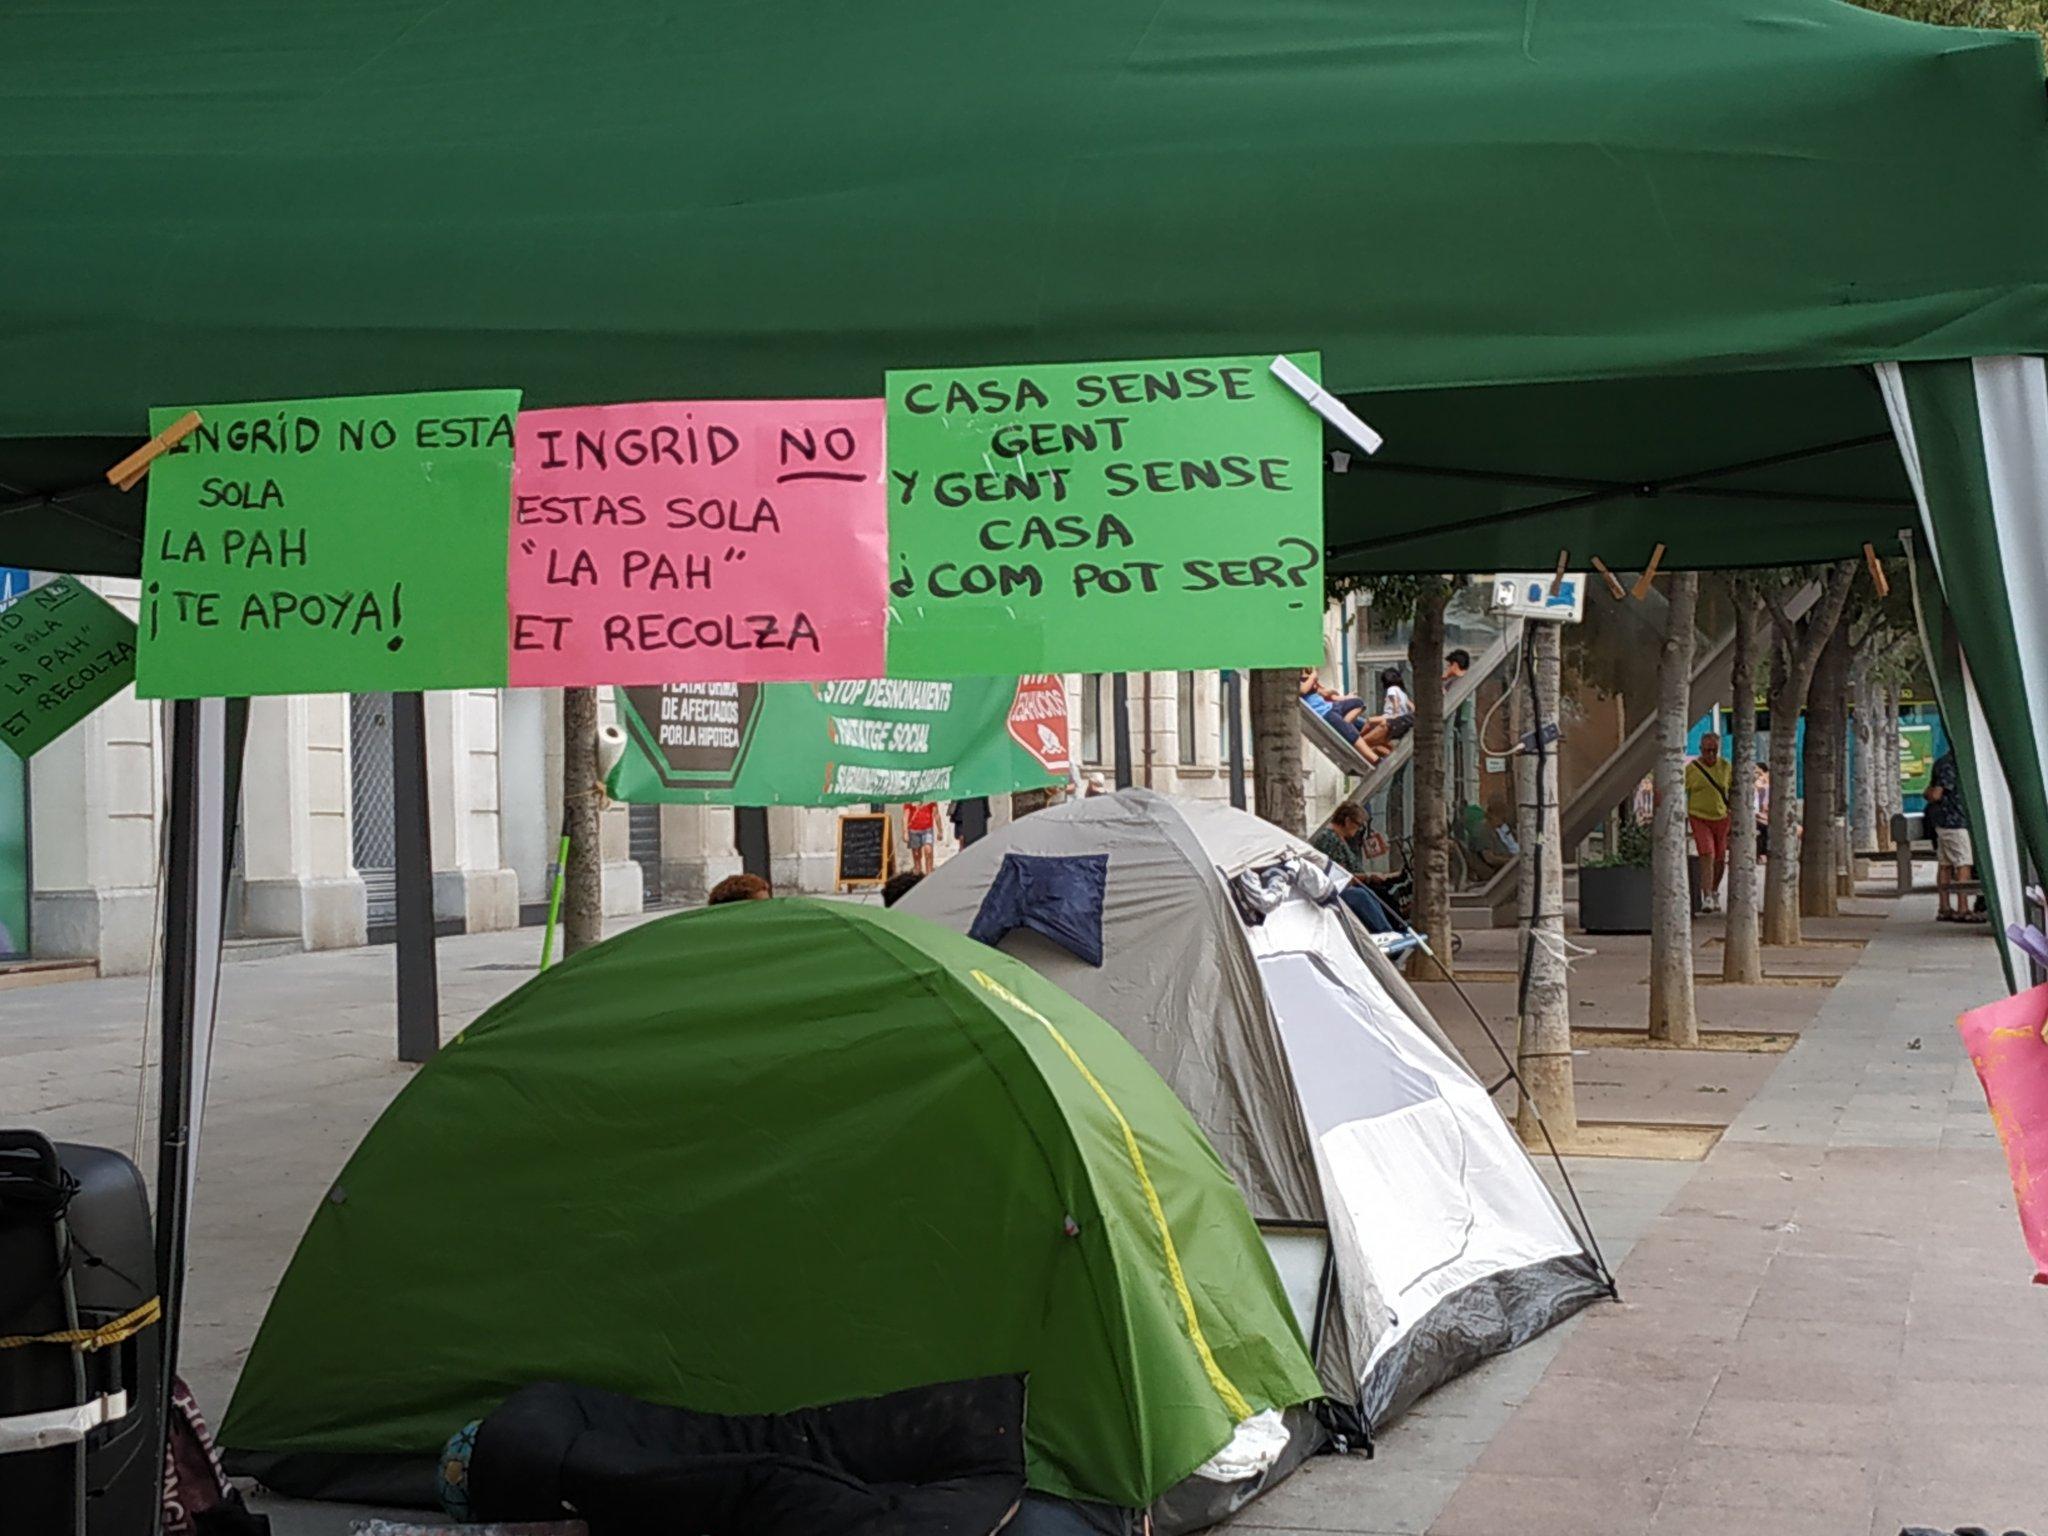 El PSOE de Hospitalet incumple la Ley 24/2015 catalana